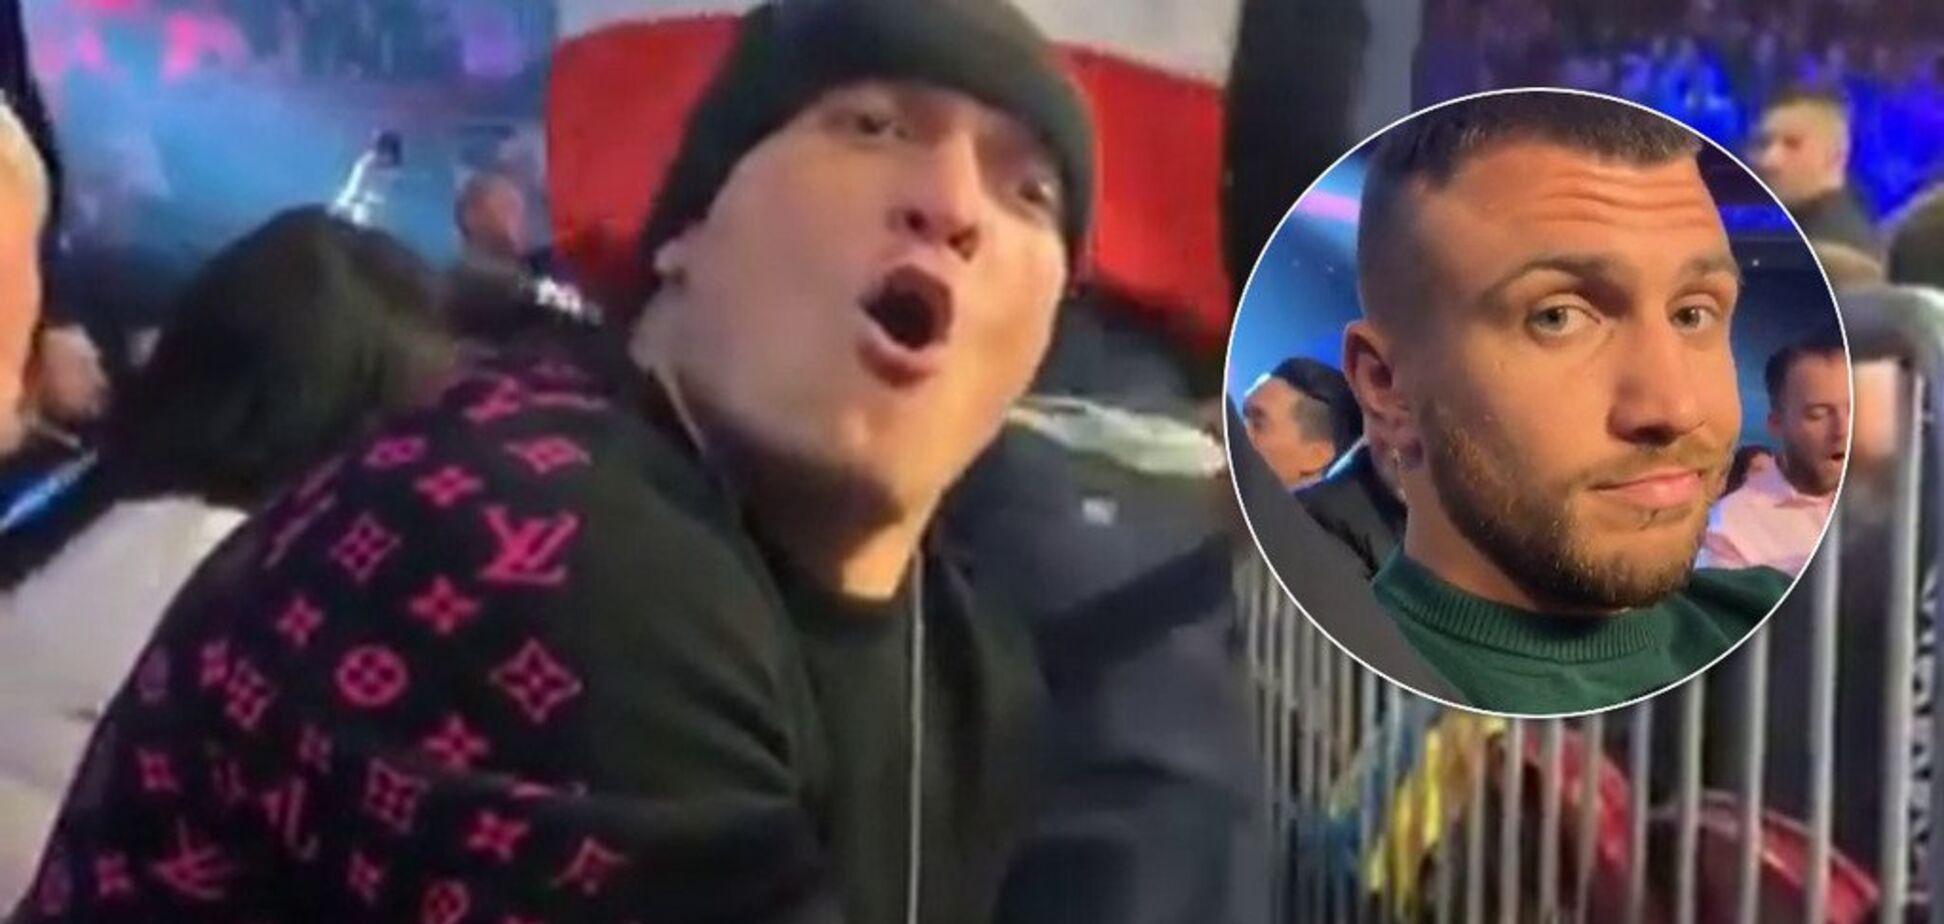 'Пьяный' Усик достал Ломаченко перед боем Гвоздика - опубликовано видео